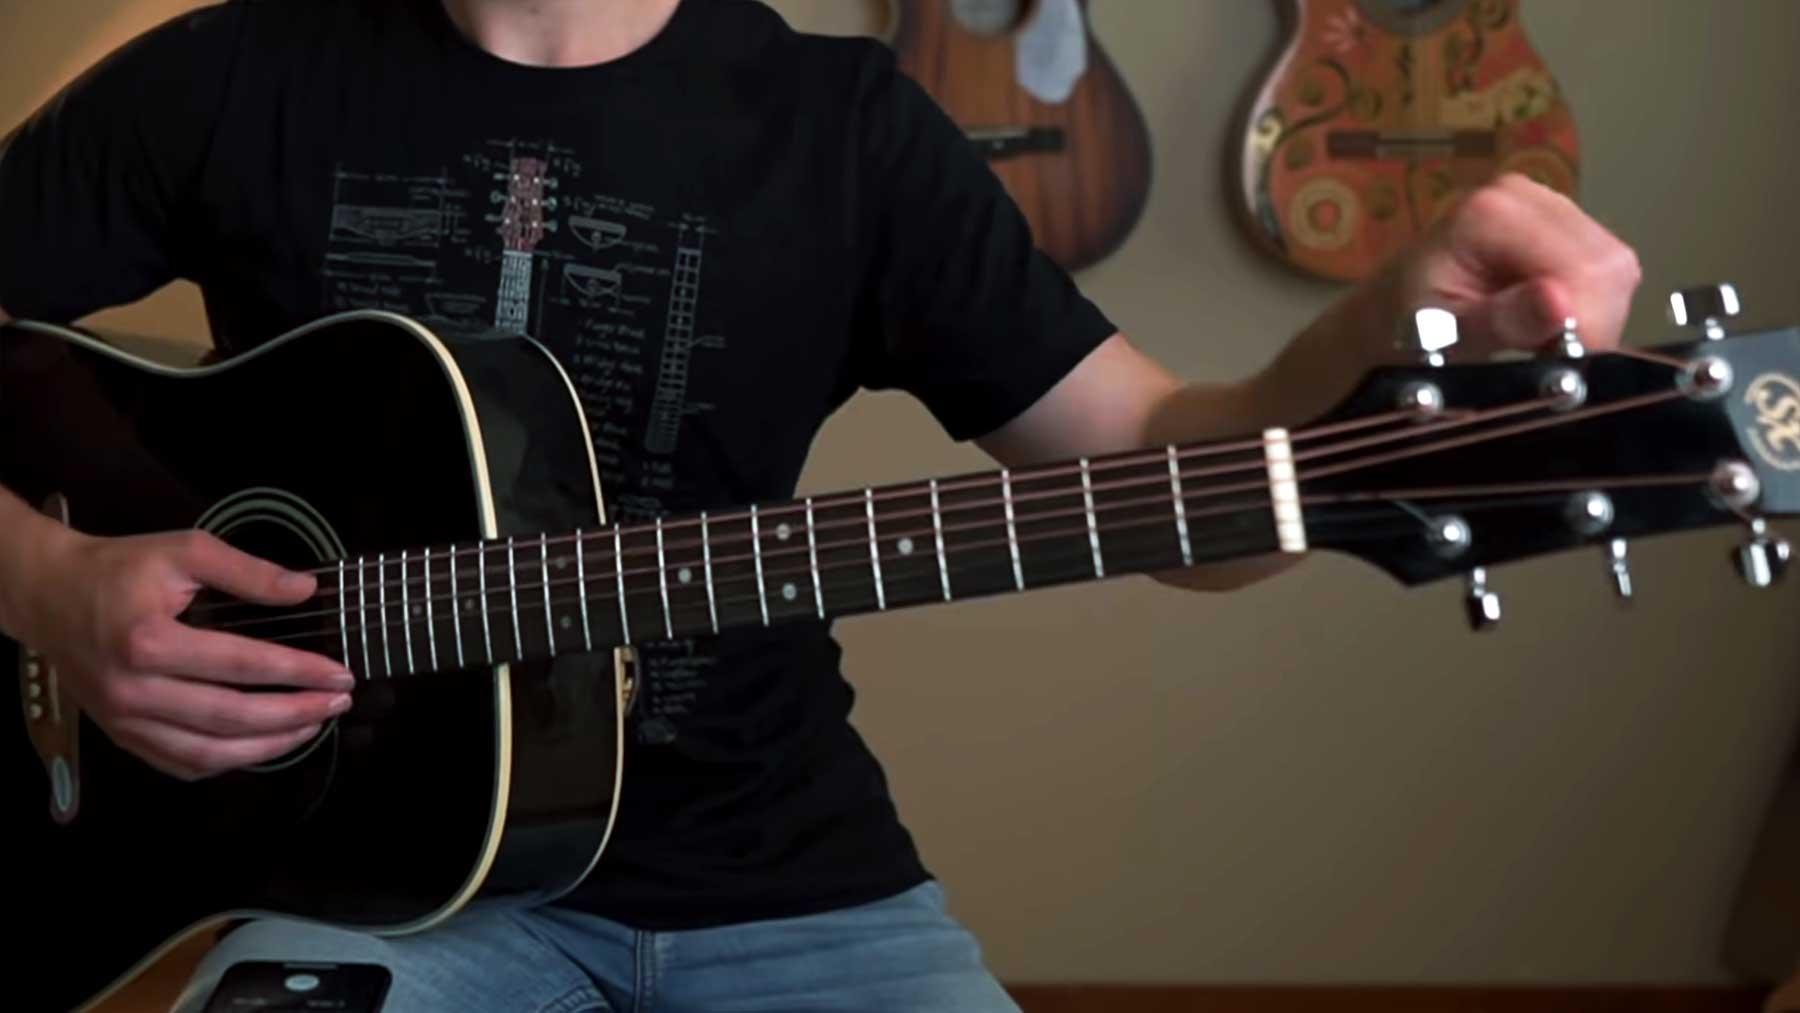 Klavier-Saiten auf eine Gitarre gespannt